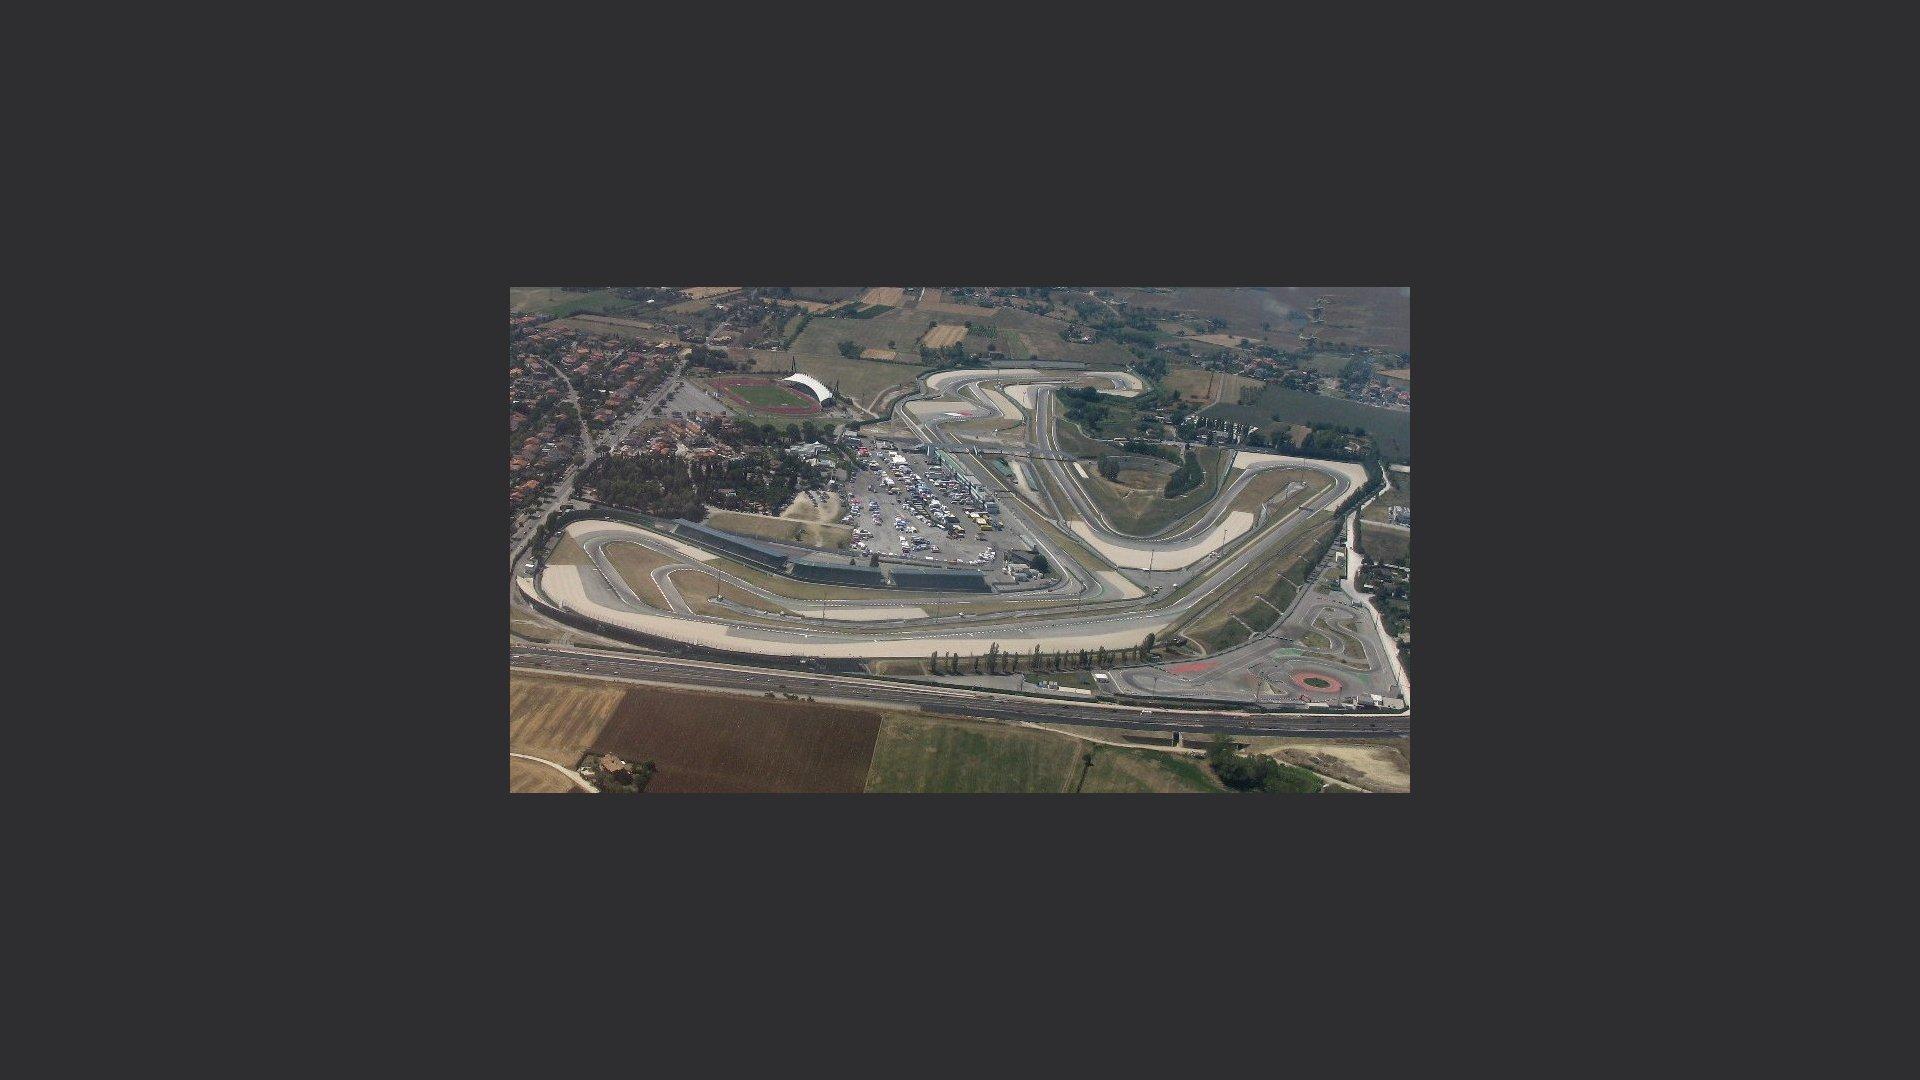 Calendario Valentino Rossi 2020.Ecco Il Calendario Provvisorio Della Motogp 2020 C E Ancora